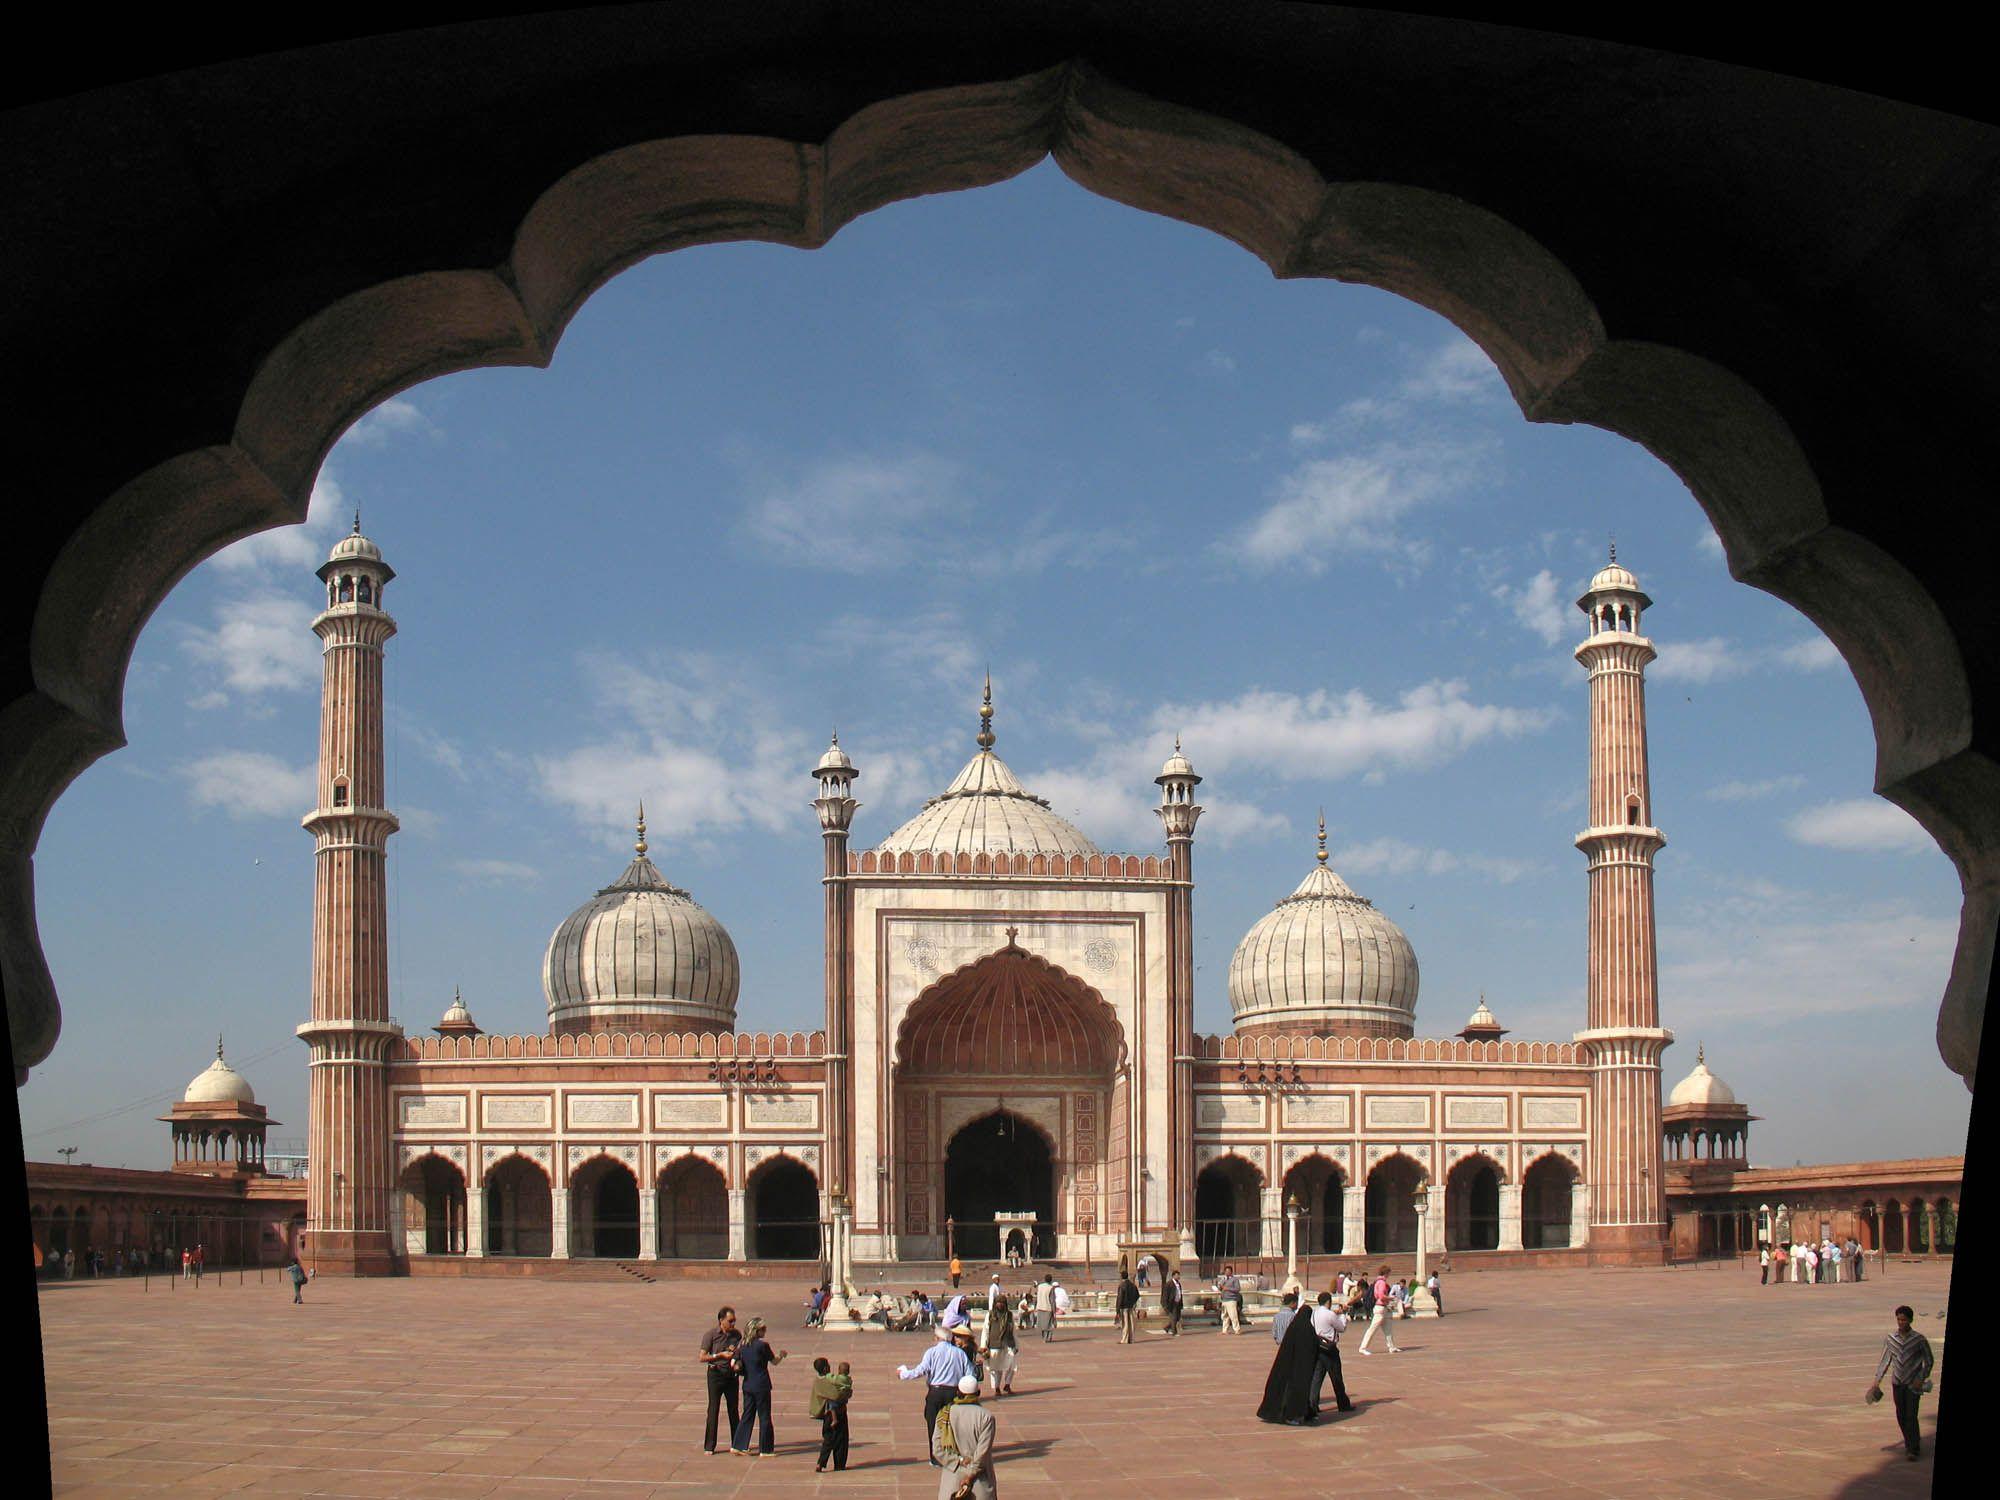 المسجد الكبير نيودلهي Jama Masjid Jama Masjid Delhi Masjid